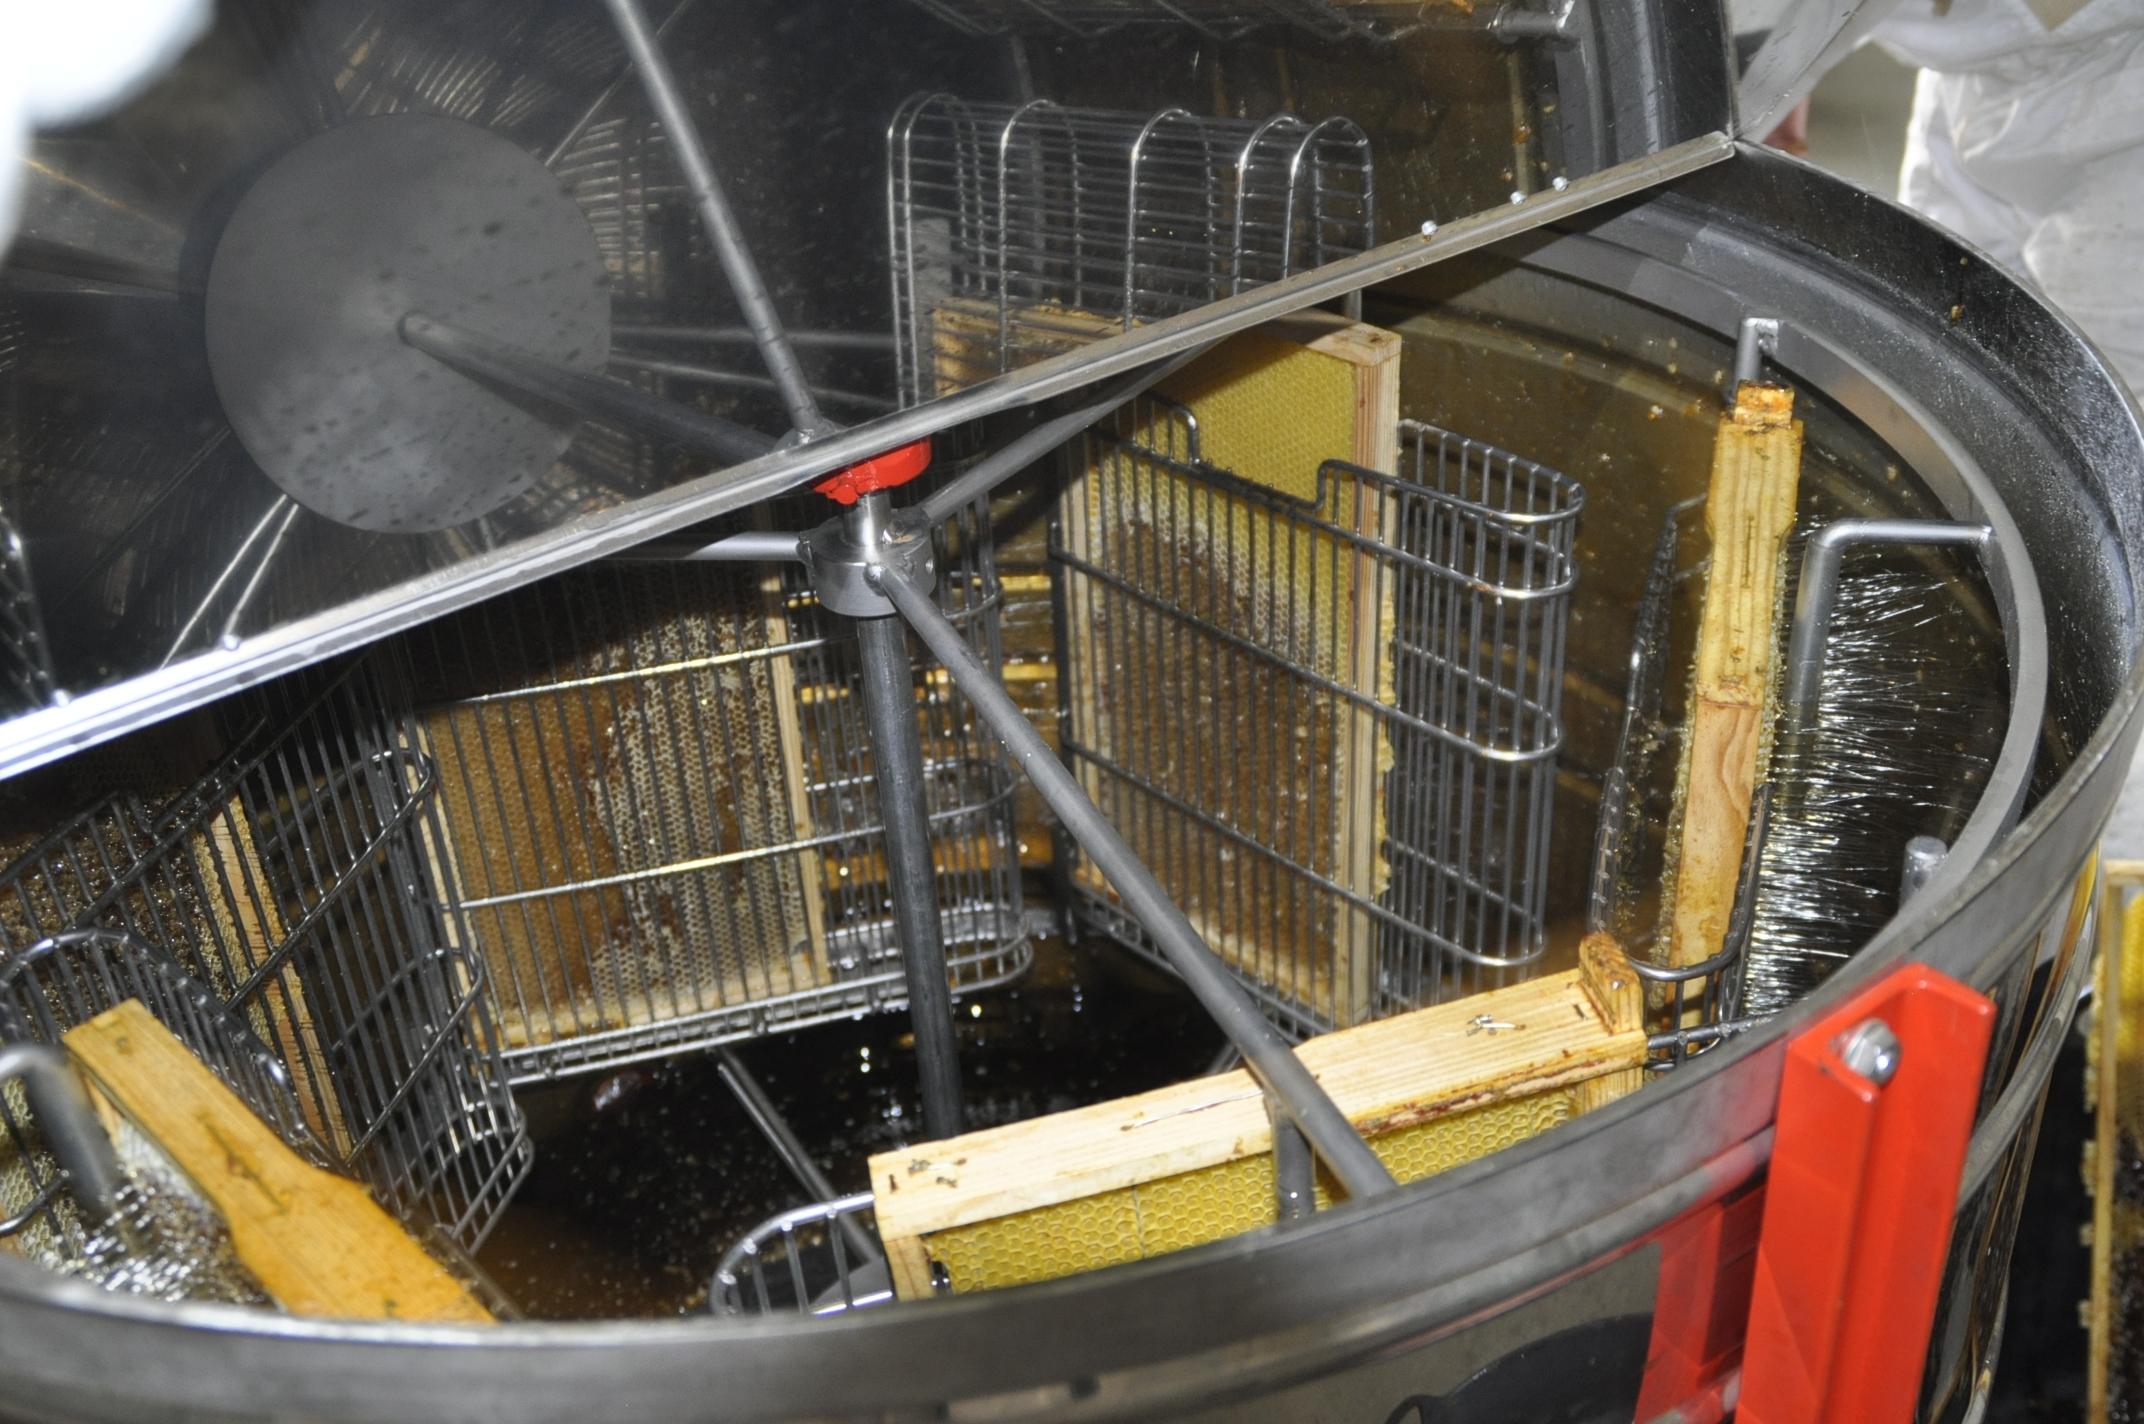 extractor política medioambiental las obreras de aliste miel